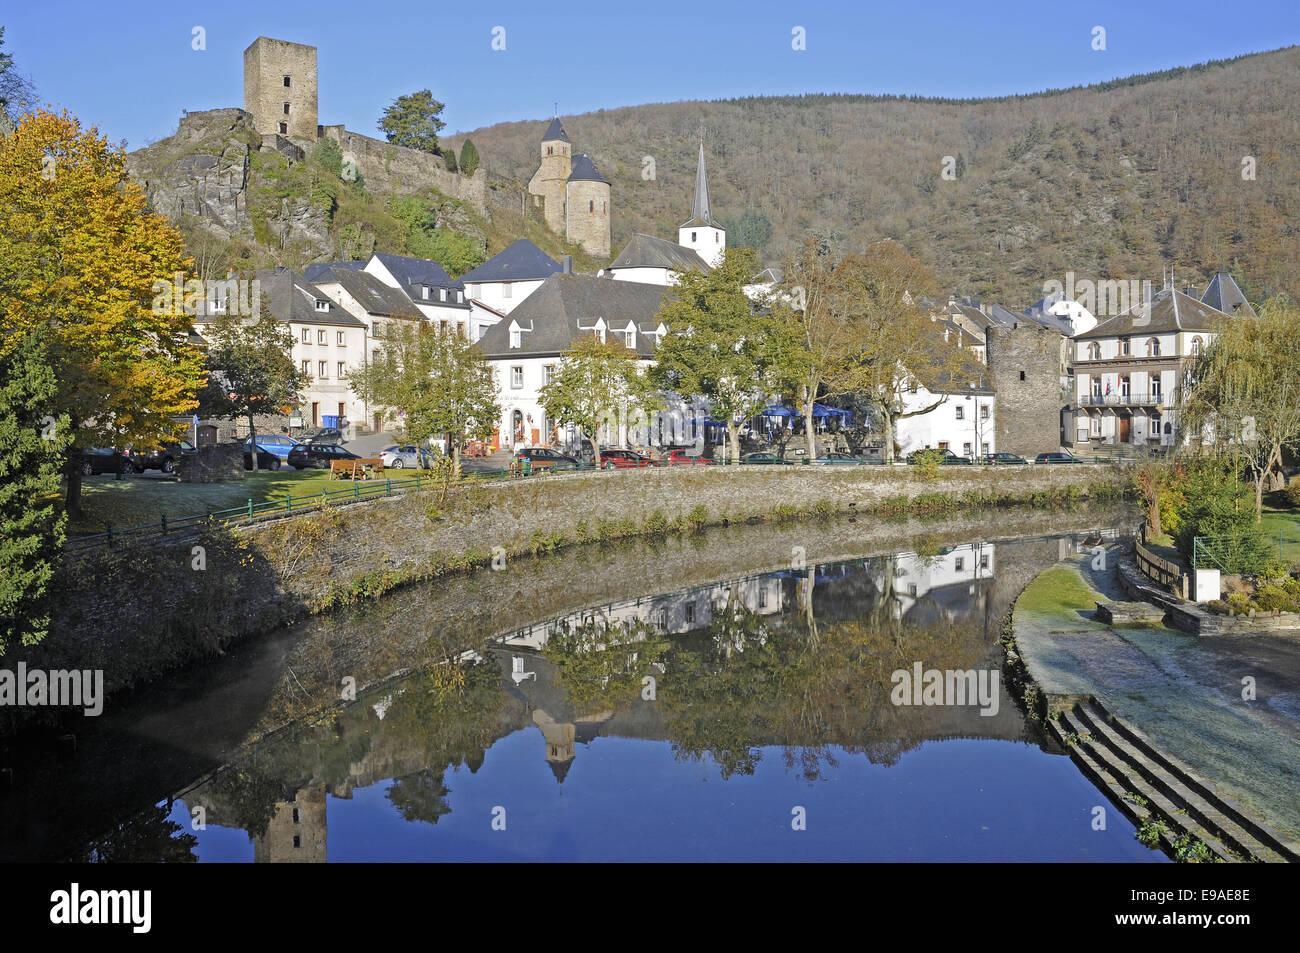 Esch sur Sure, Sauer river, Luxembourg - Stock Image